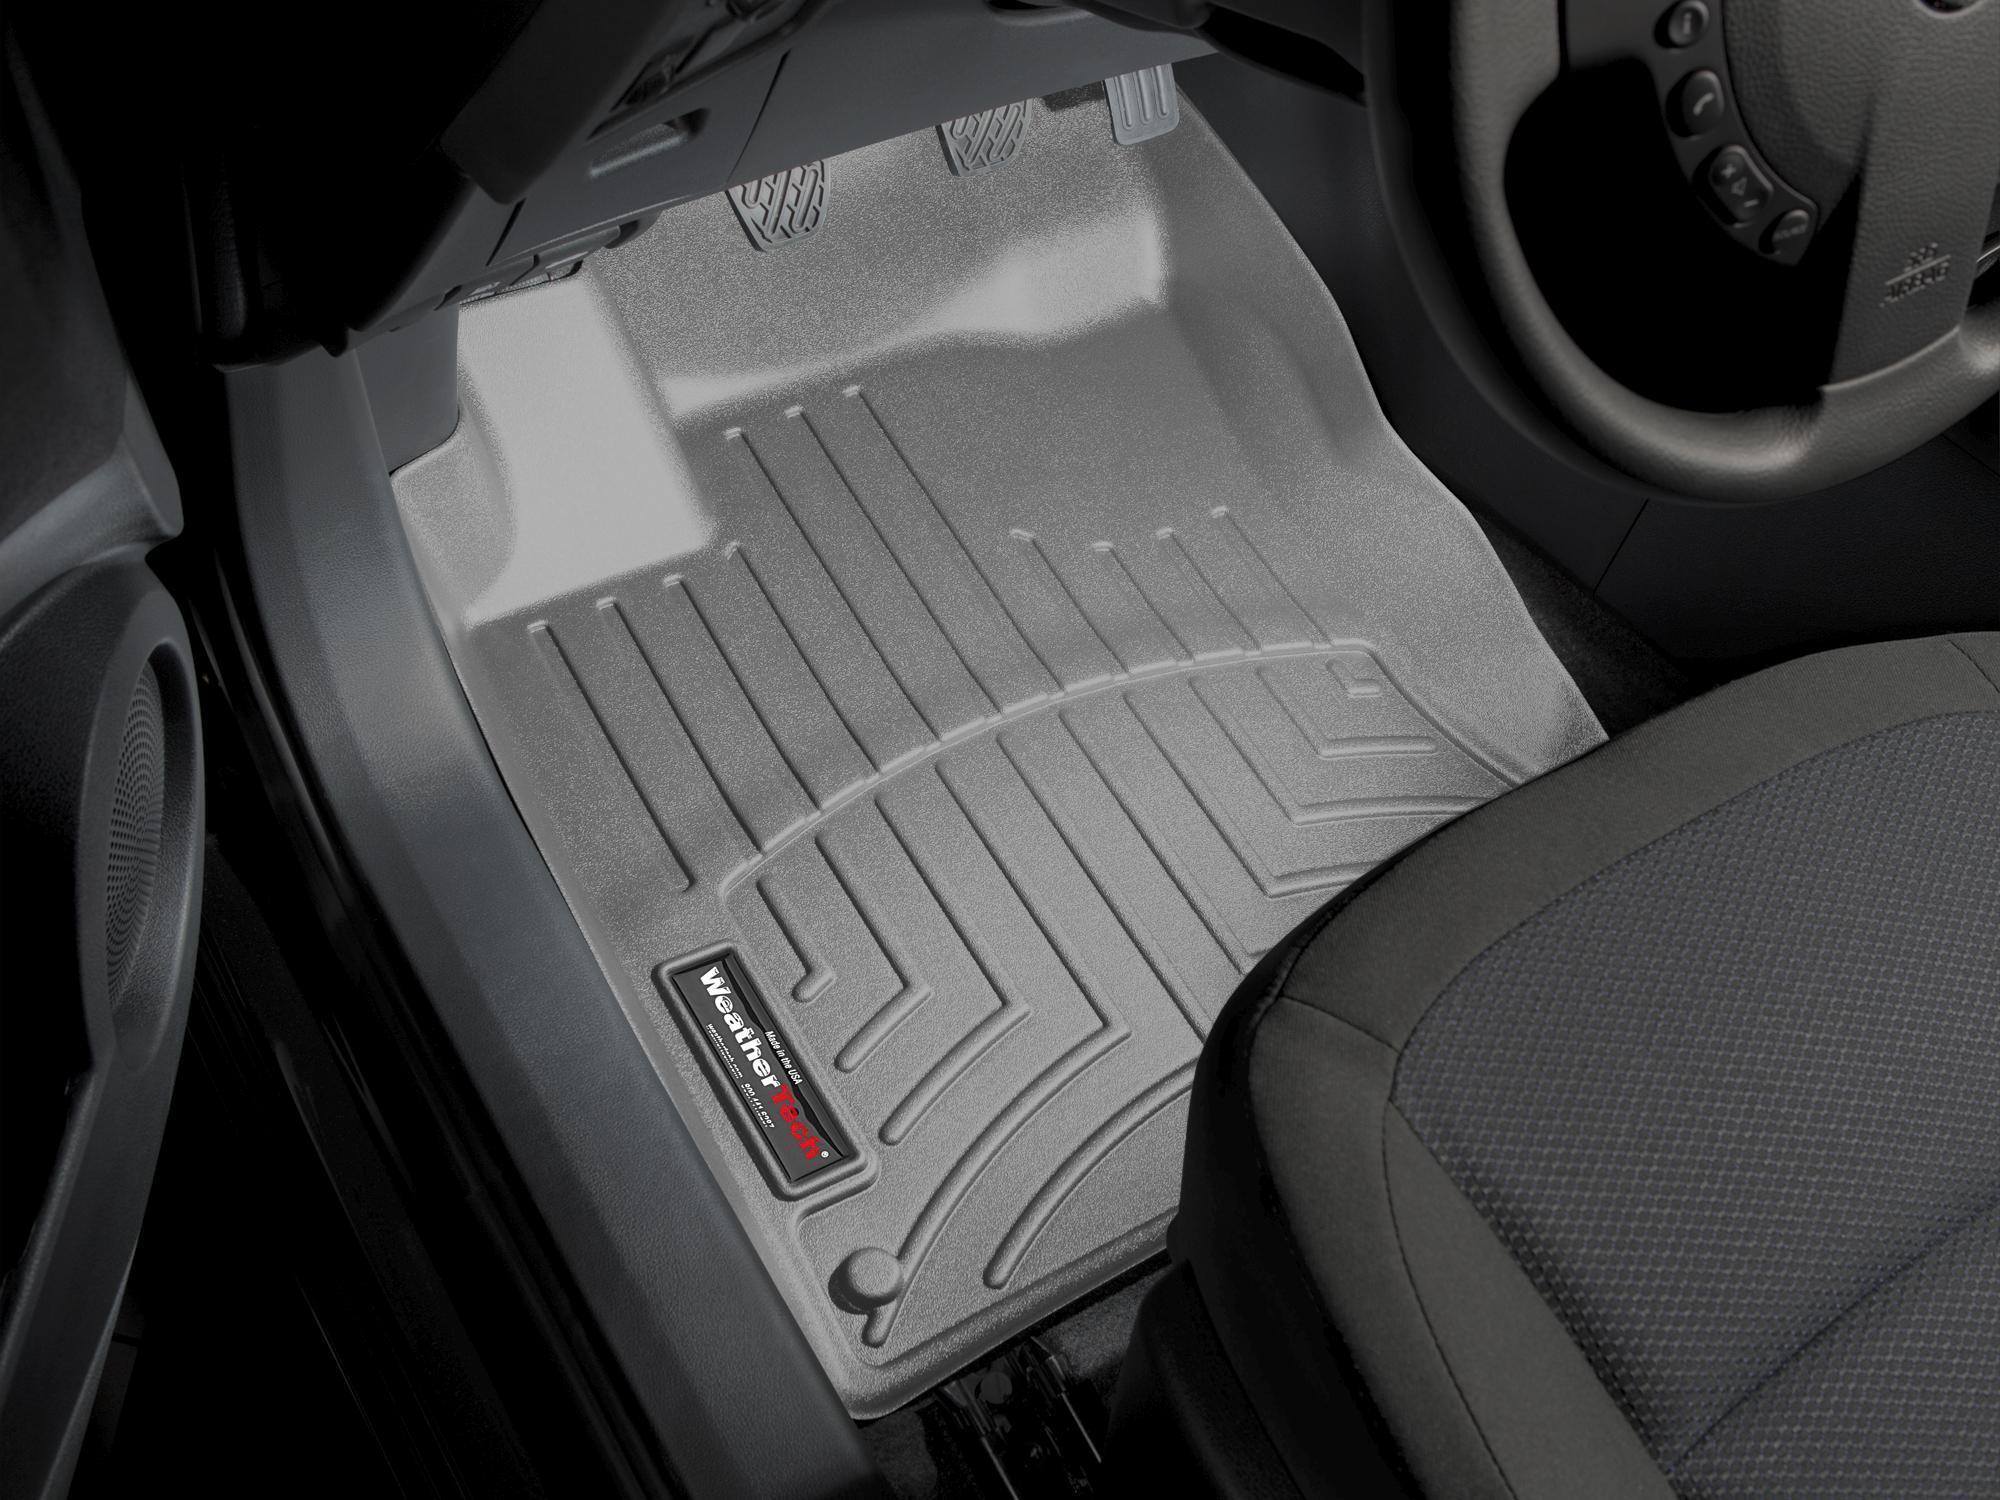 Tappeti gomma su misura bordo alto Nissan Qashqai 07>13 Grigio A2913